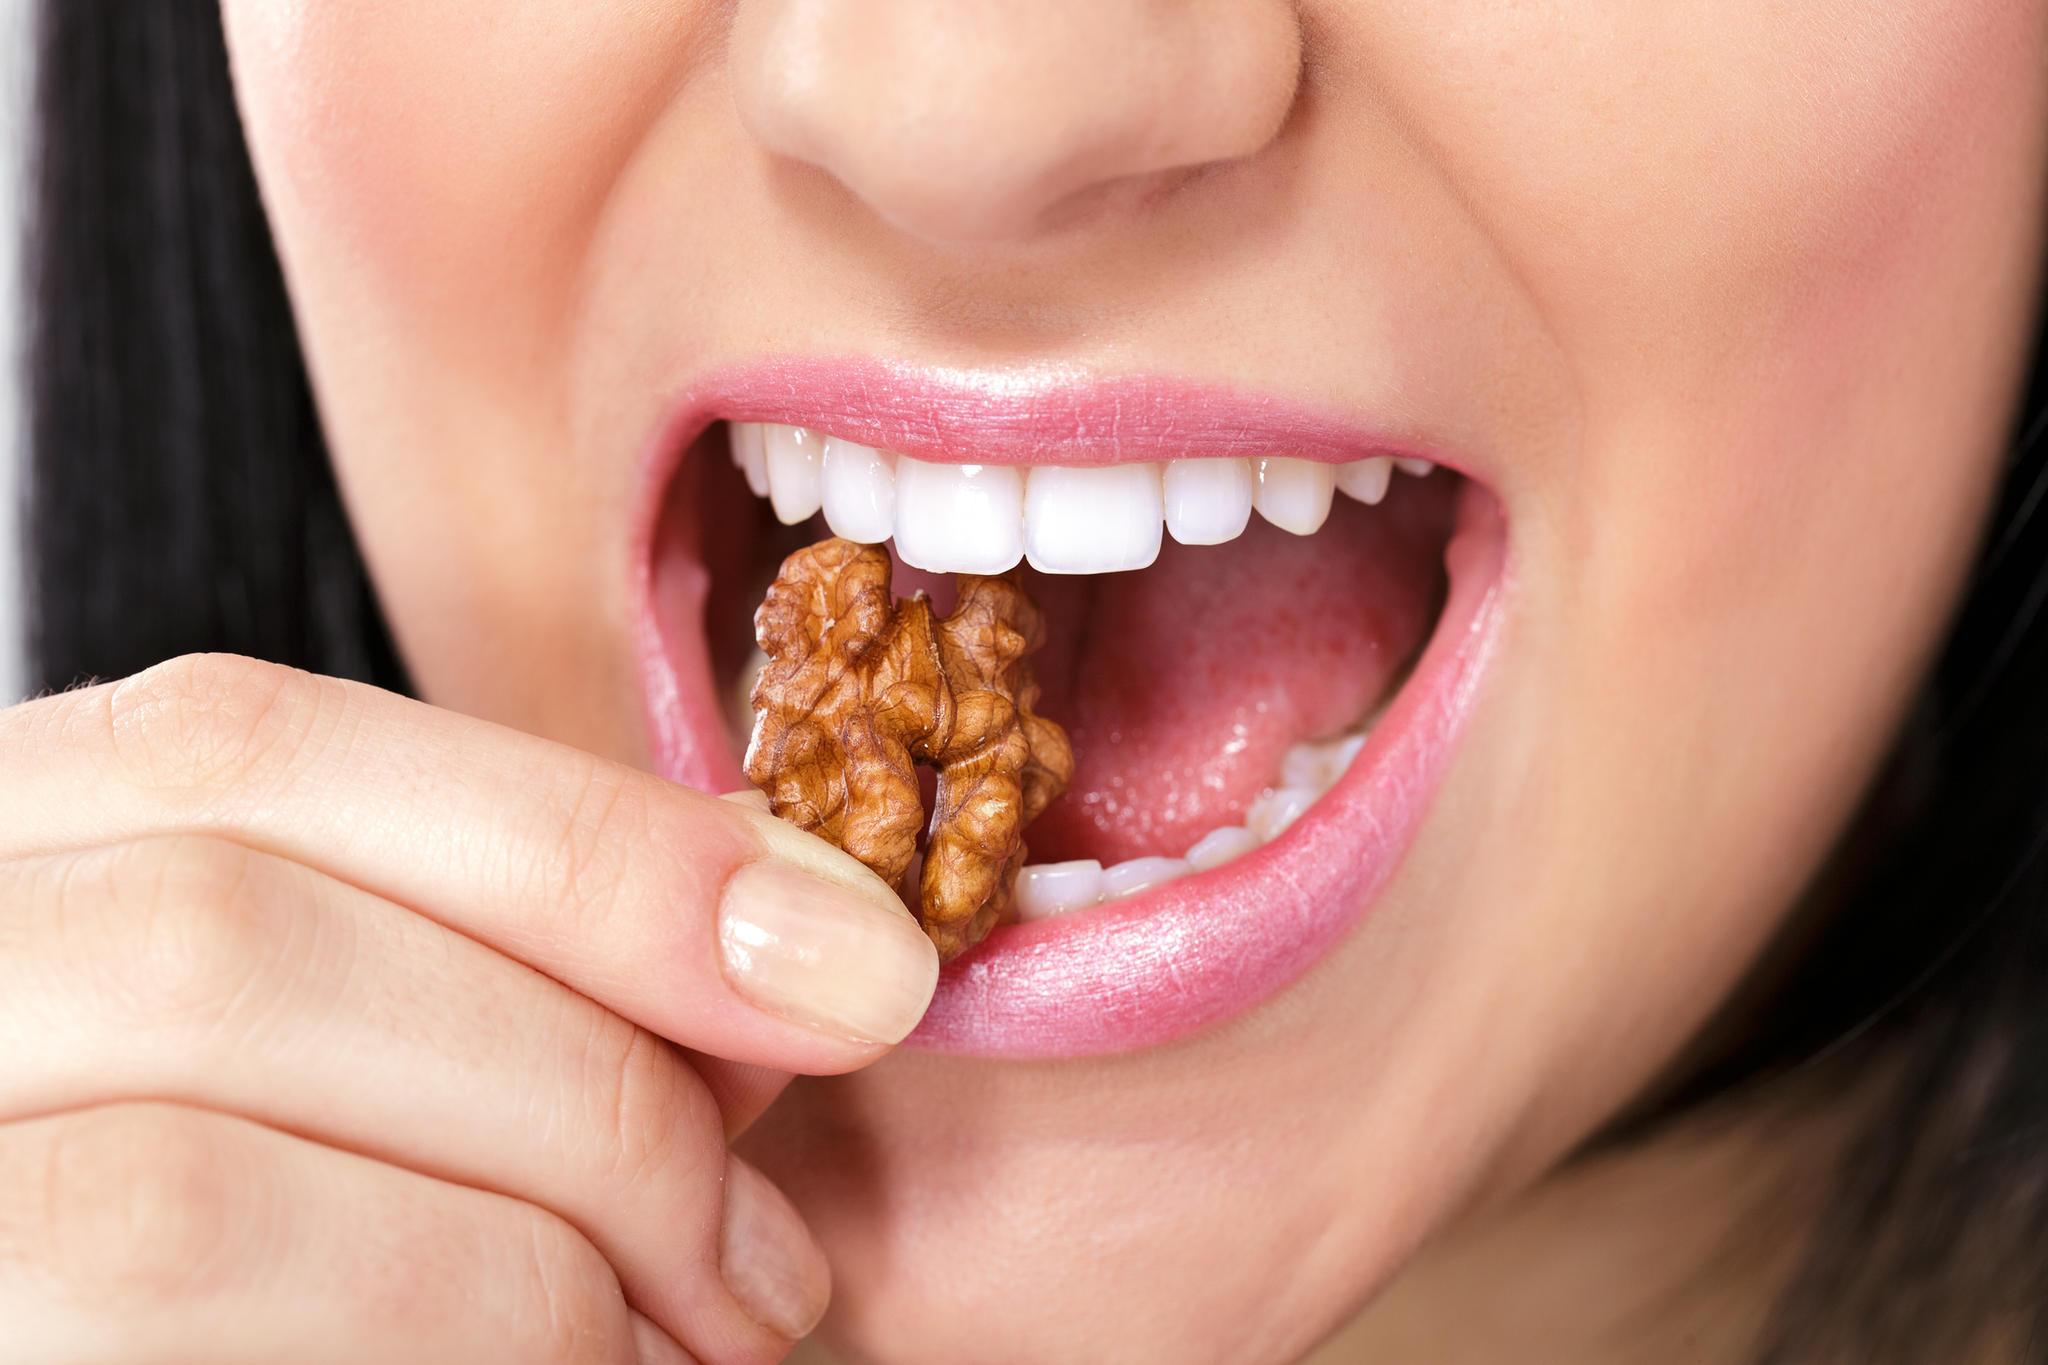 Nüsse sind gesund und halten schlank.